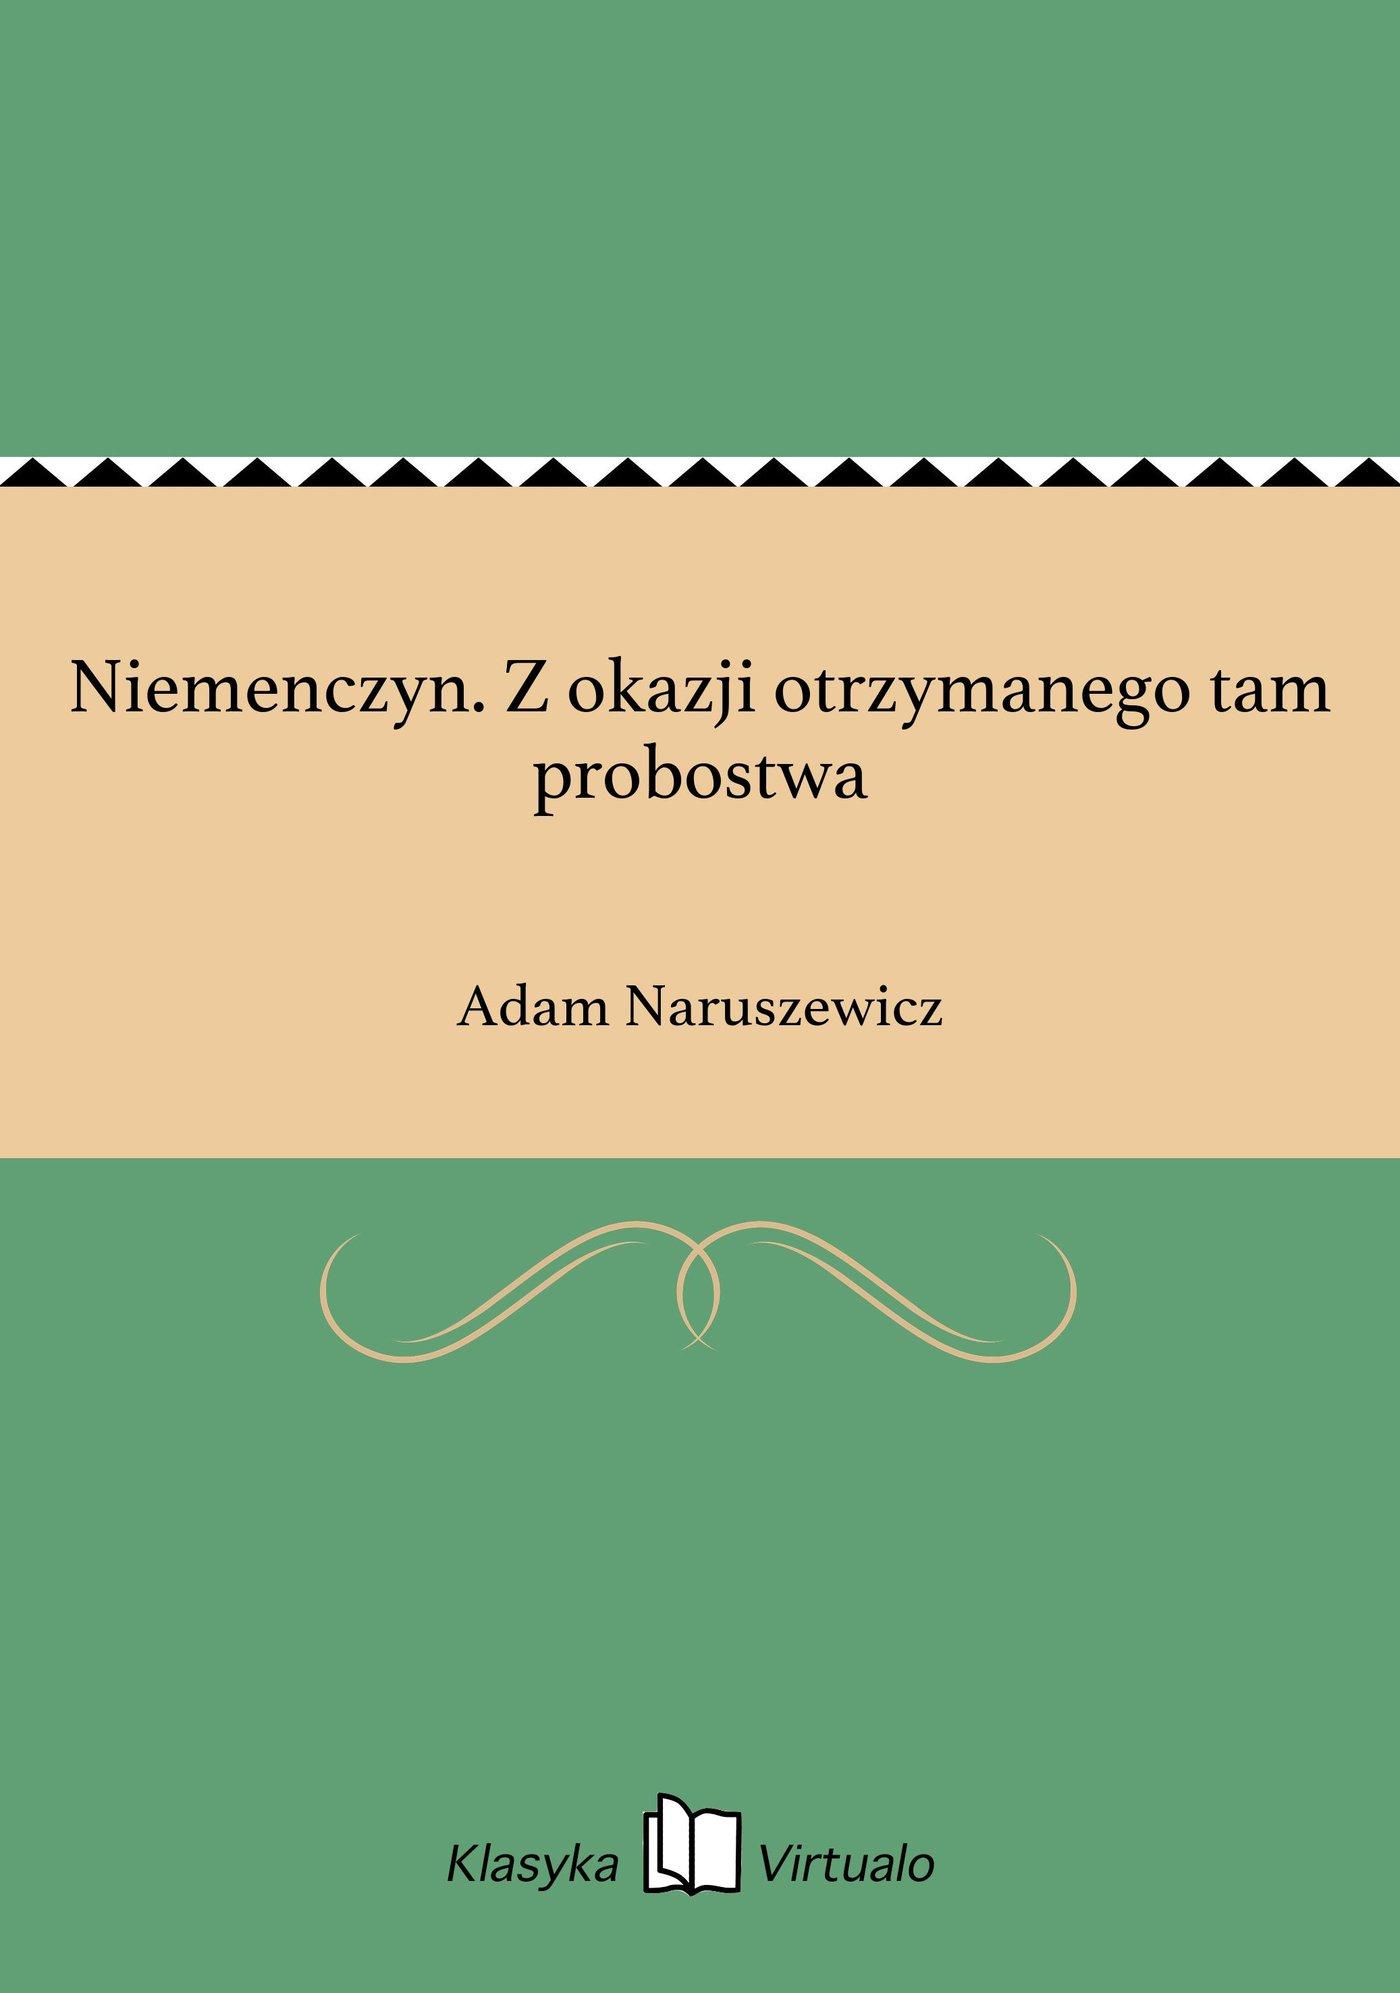 Niemenczyn. Z okazji otrzymanego tam probostwa - Ebook (Książka EPUB) do pobrania w formacie EPUB